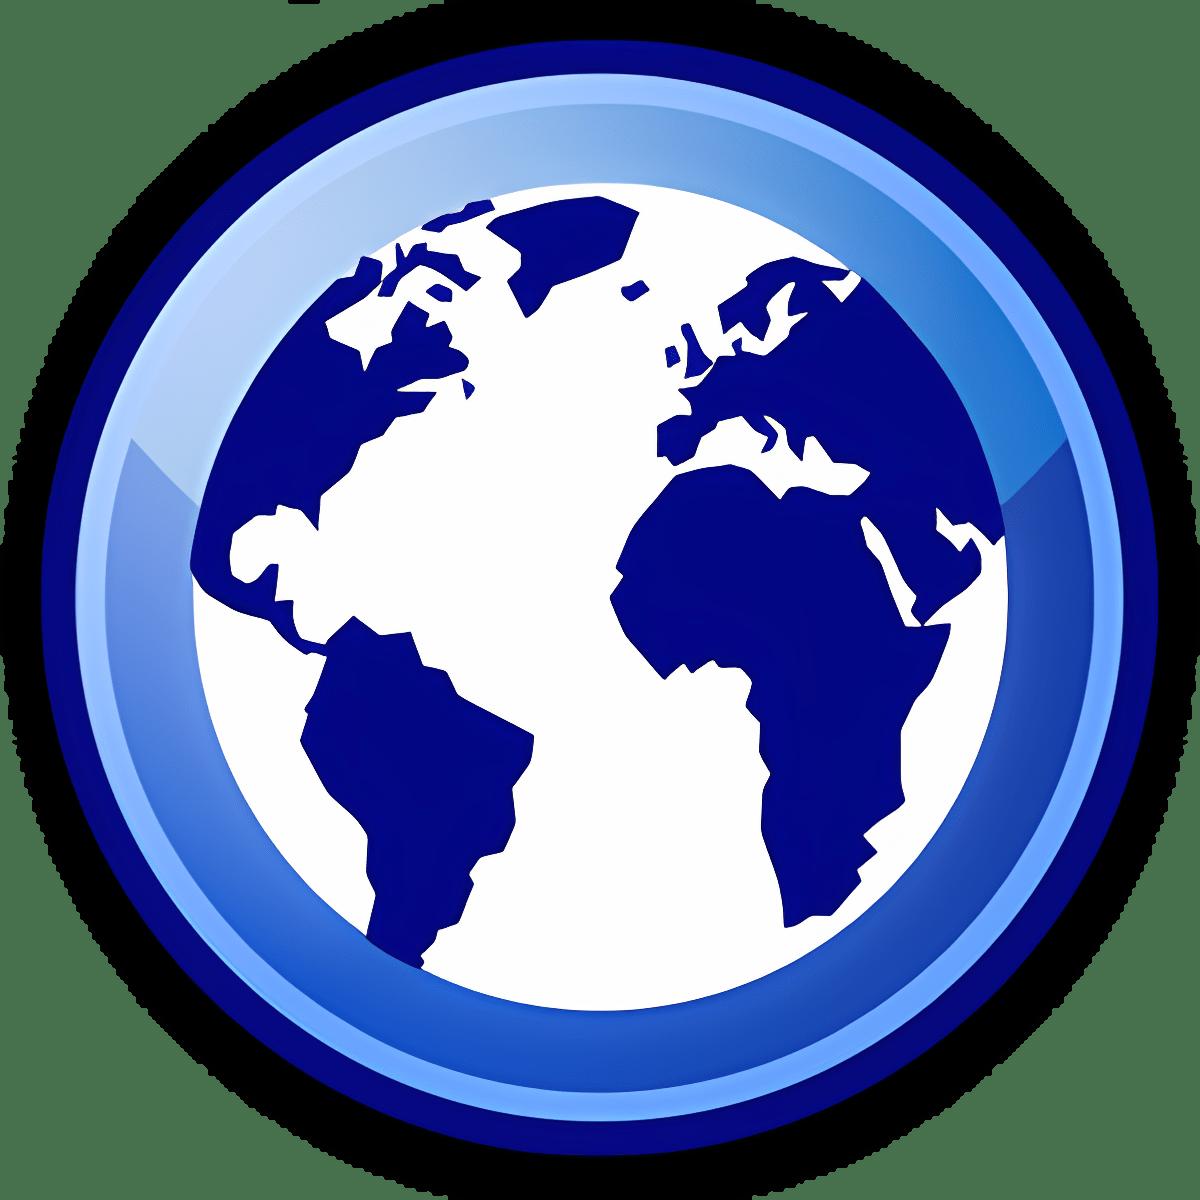 MapDroyd 2.0.4